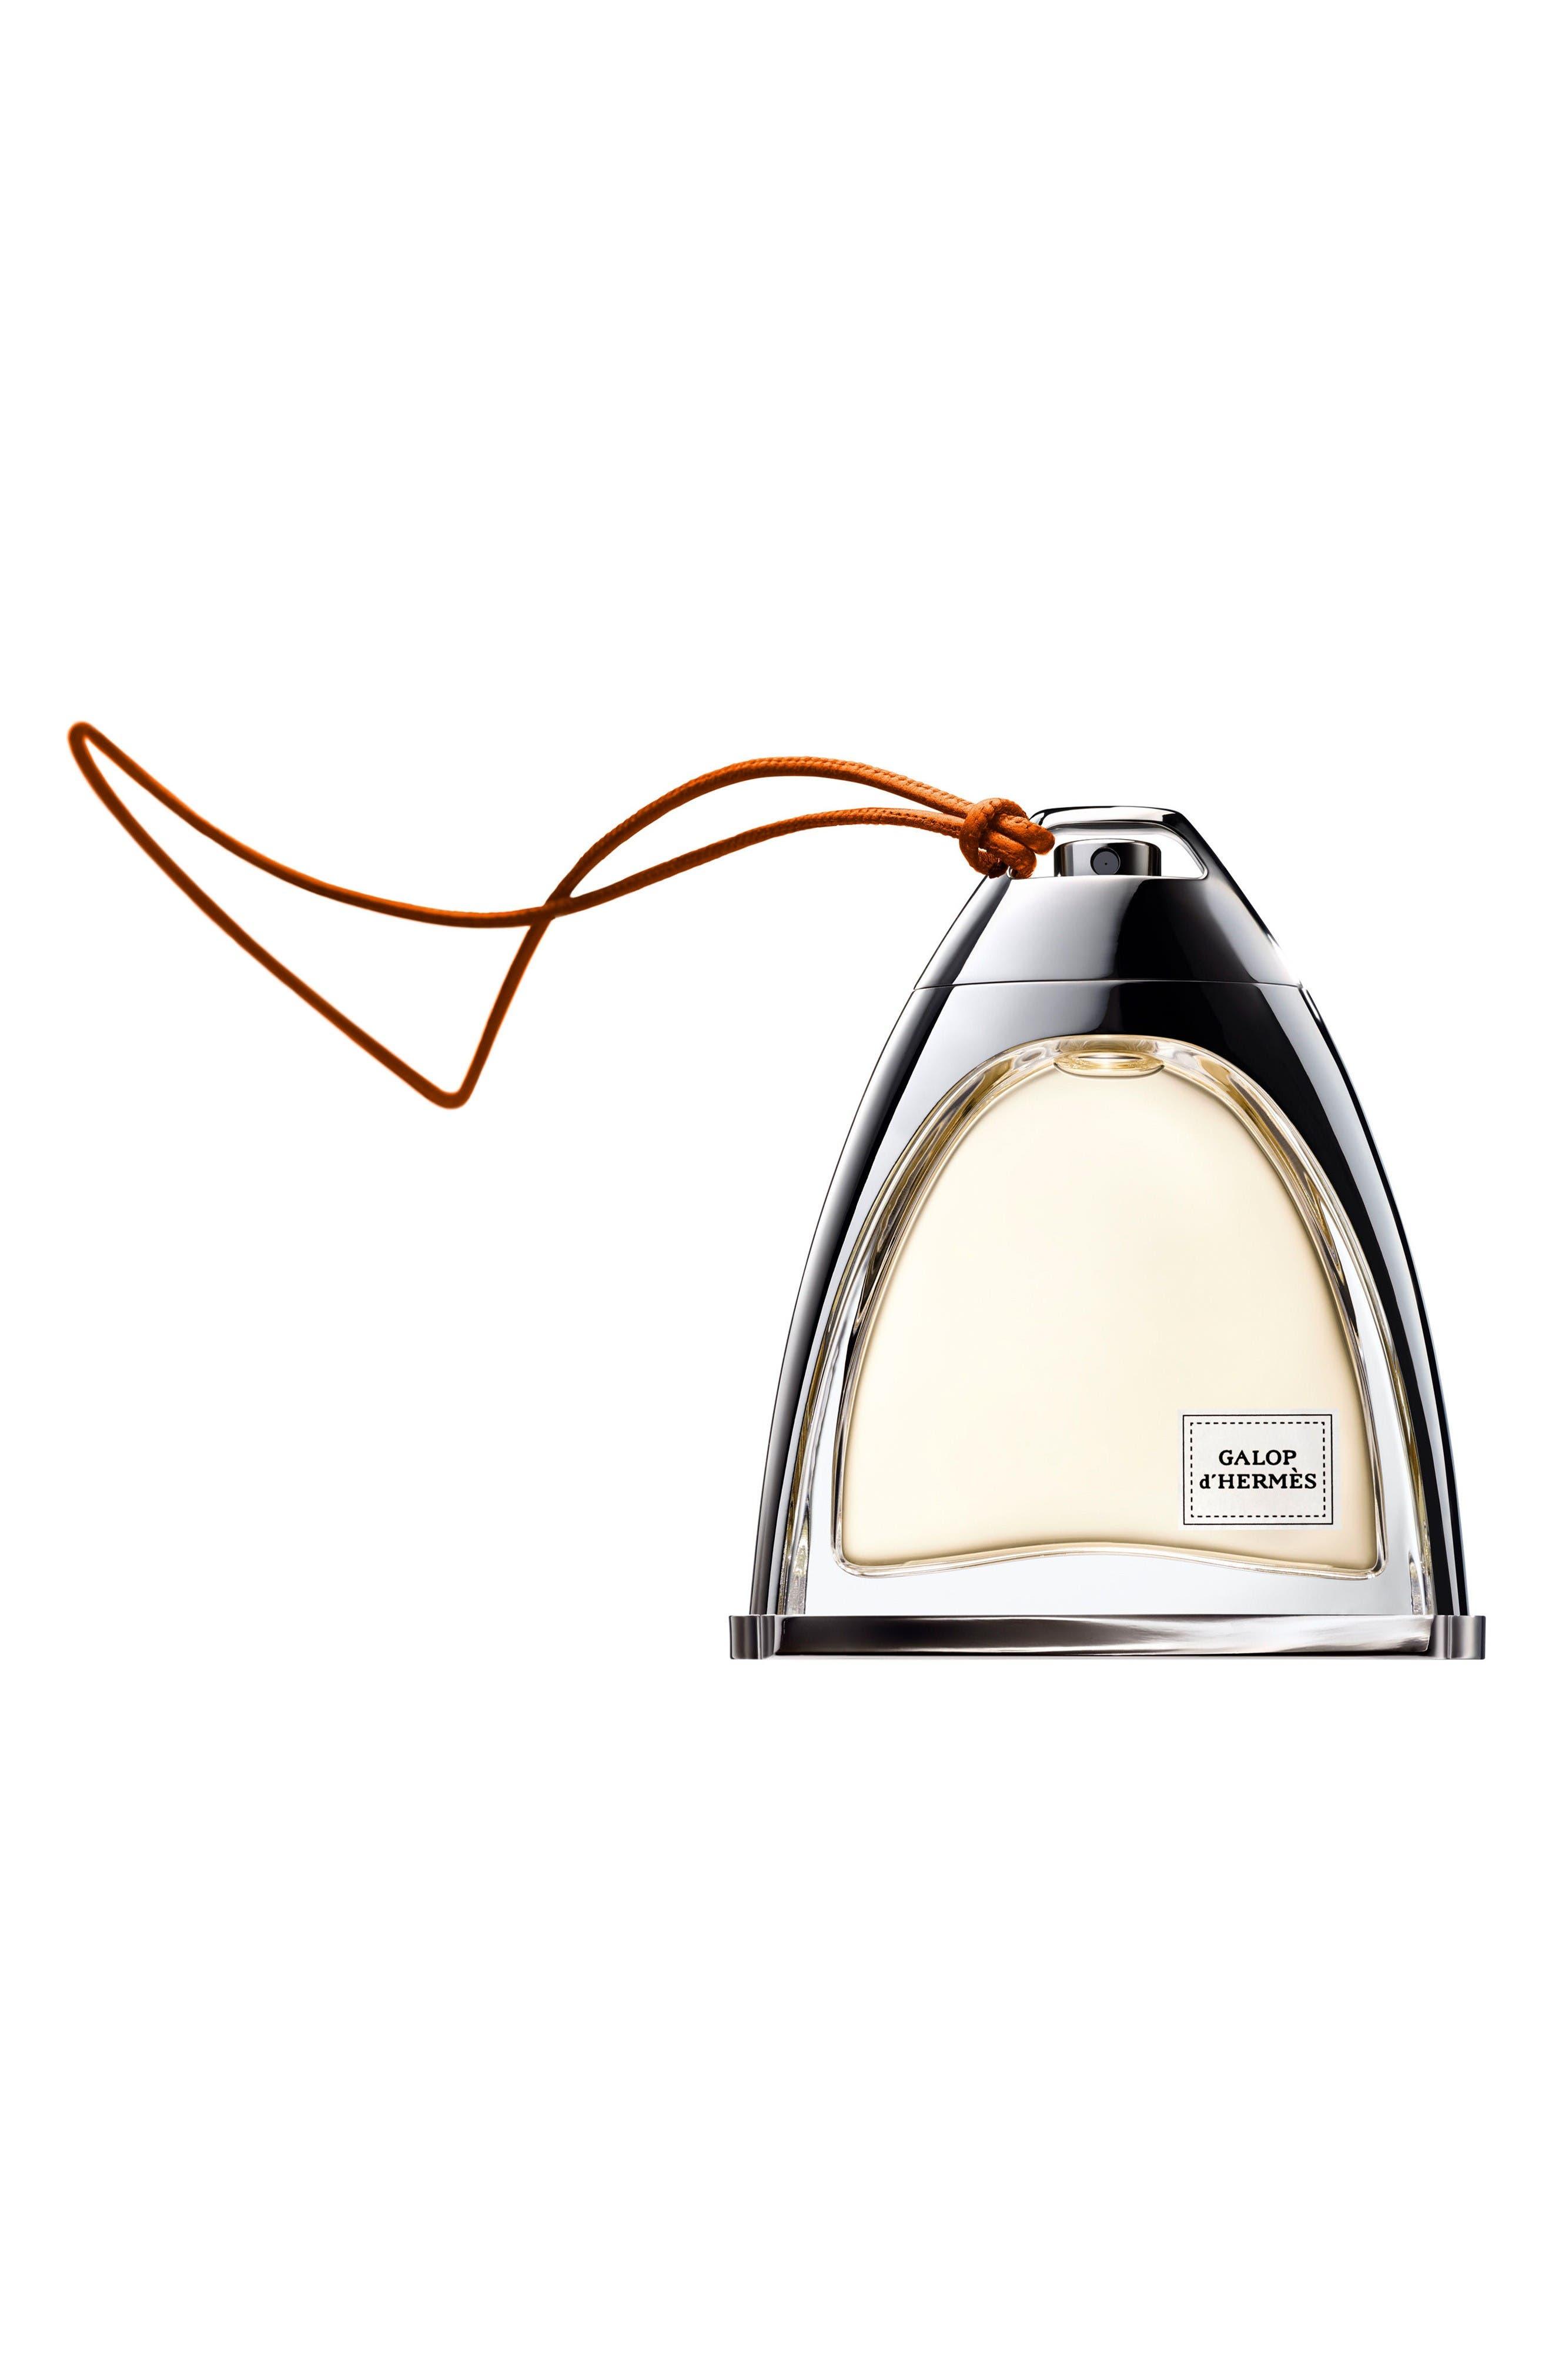 Hermès Galop d'Hermès - Parfum